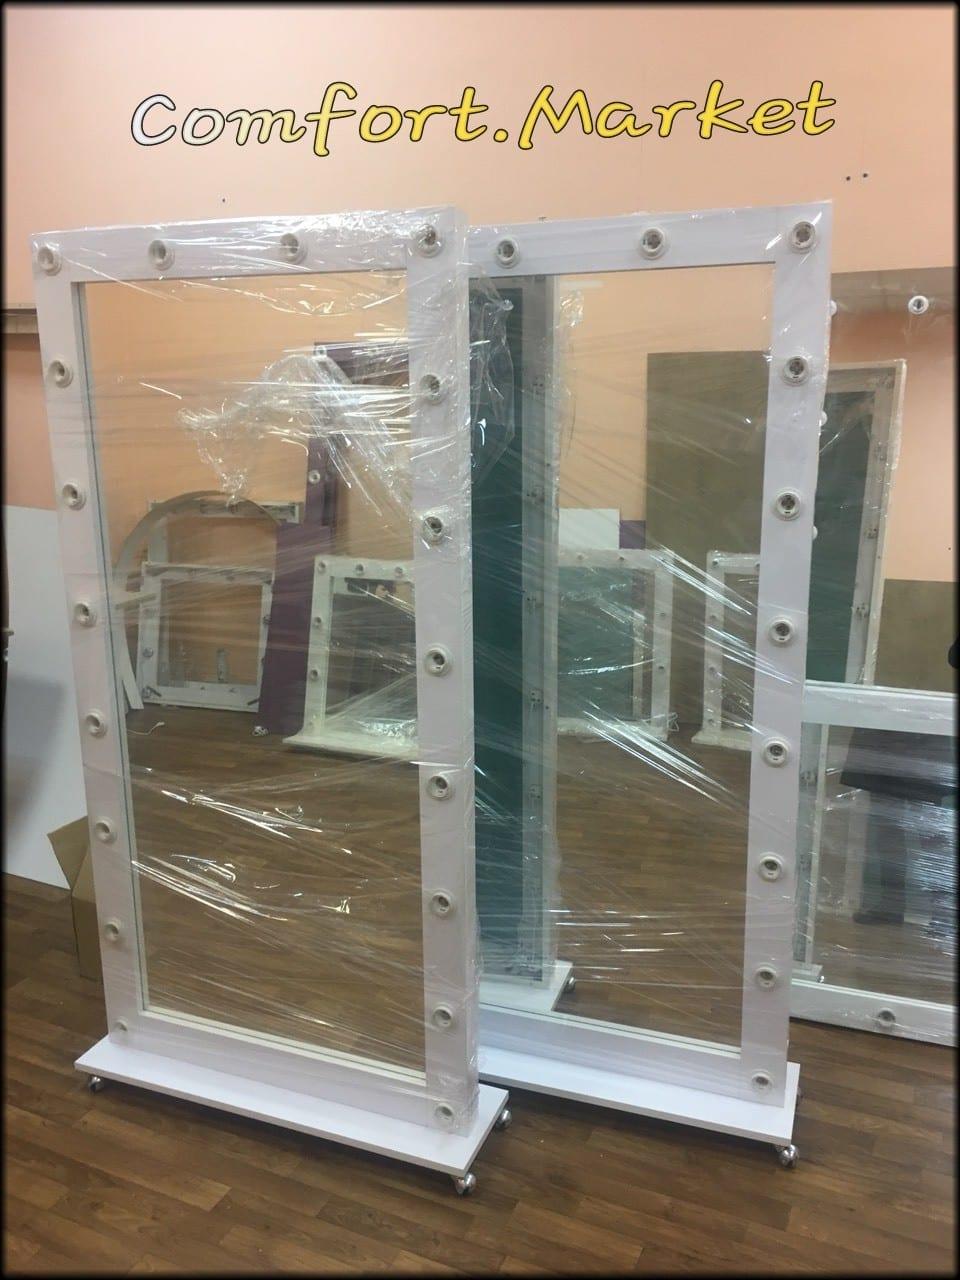 Выбрать и купить зеркало с лампочками в Киеве, или заказать с доставкой по Украине - Comfort.Market